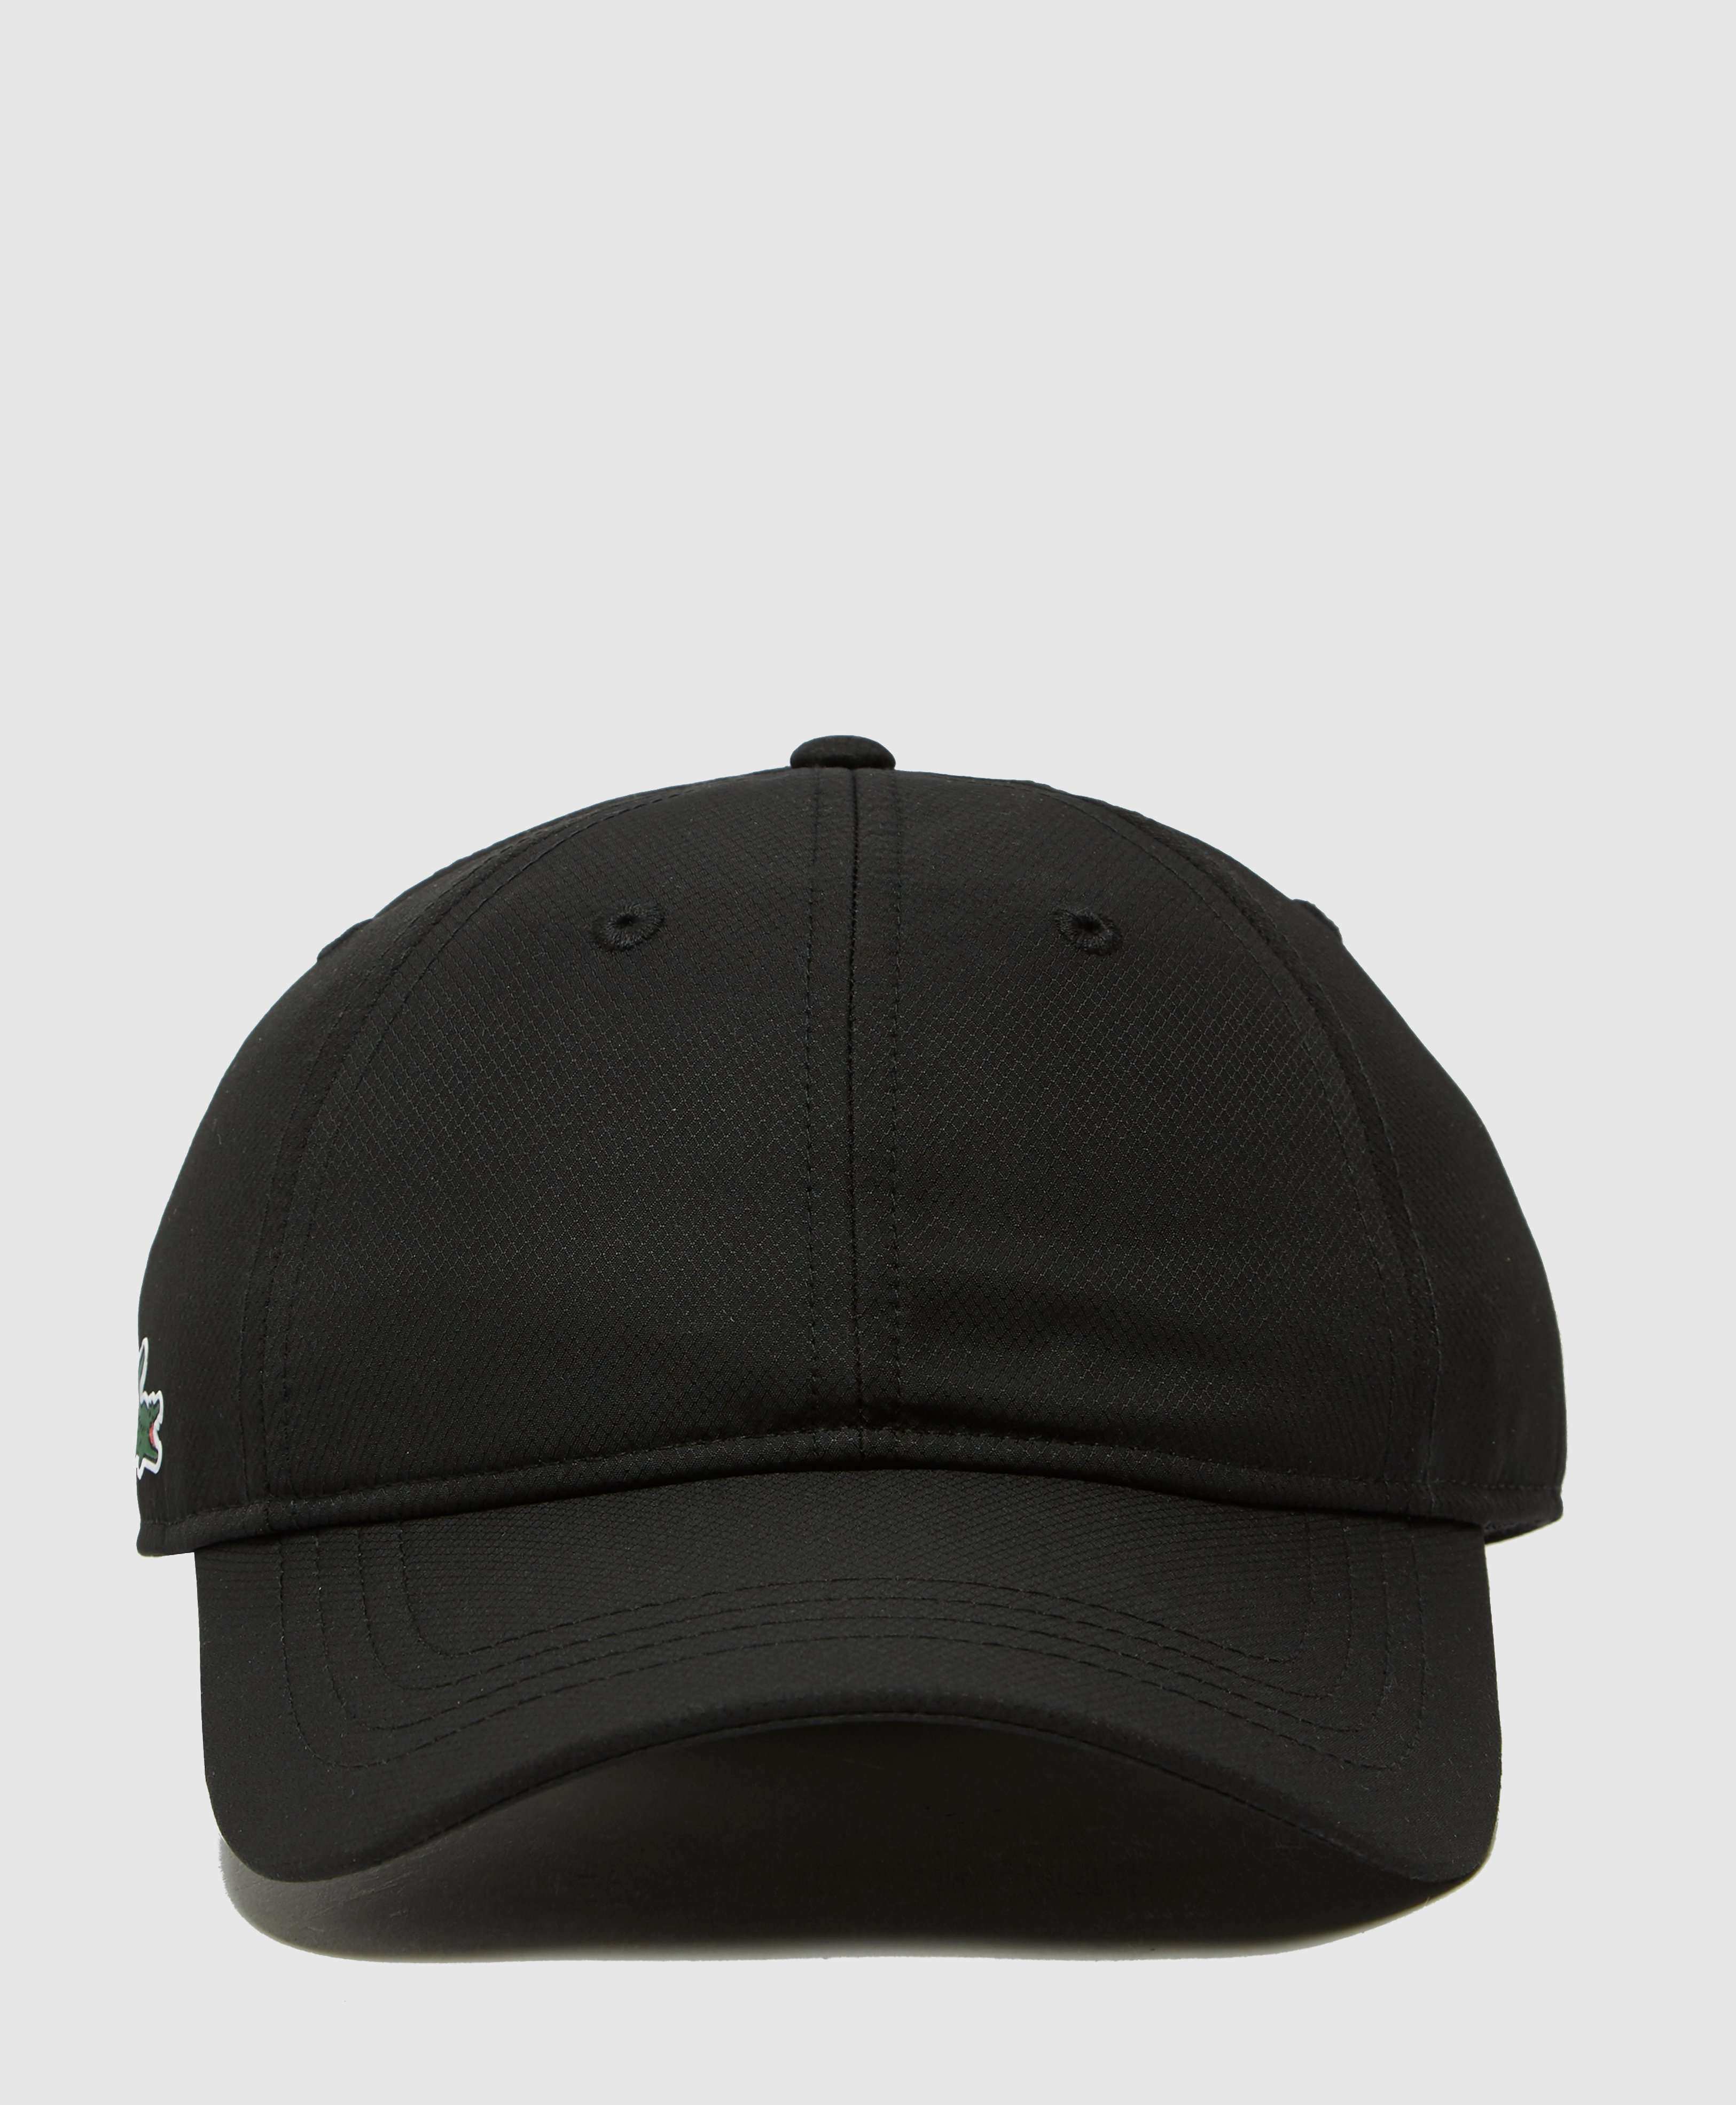 Lacoste black hat